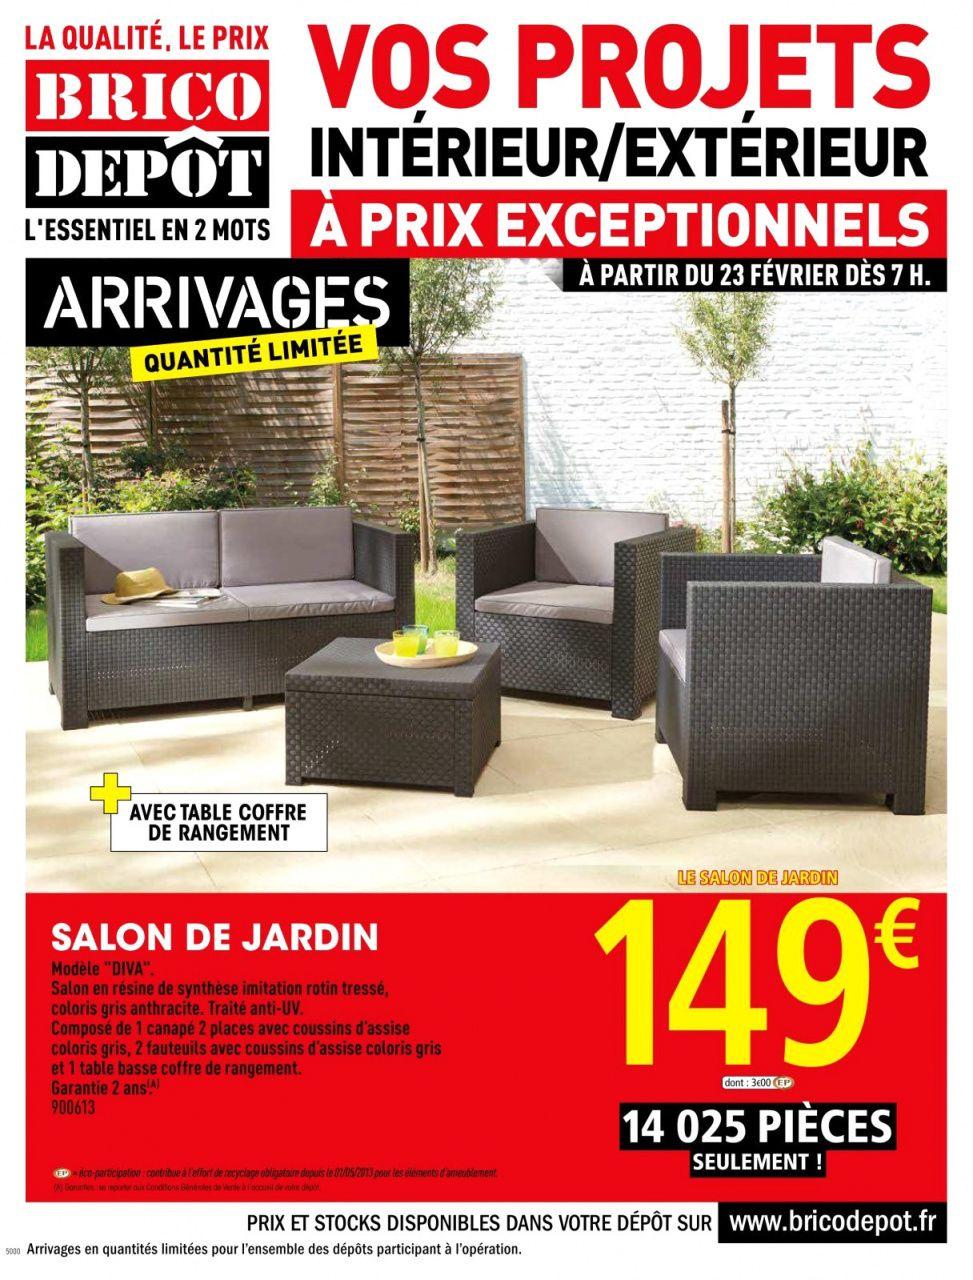 Table De Jardin Brico Depot - Canalcncarauca dedans Cabanon De Jardin Brico Depot